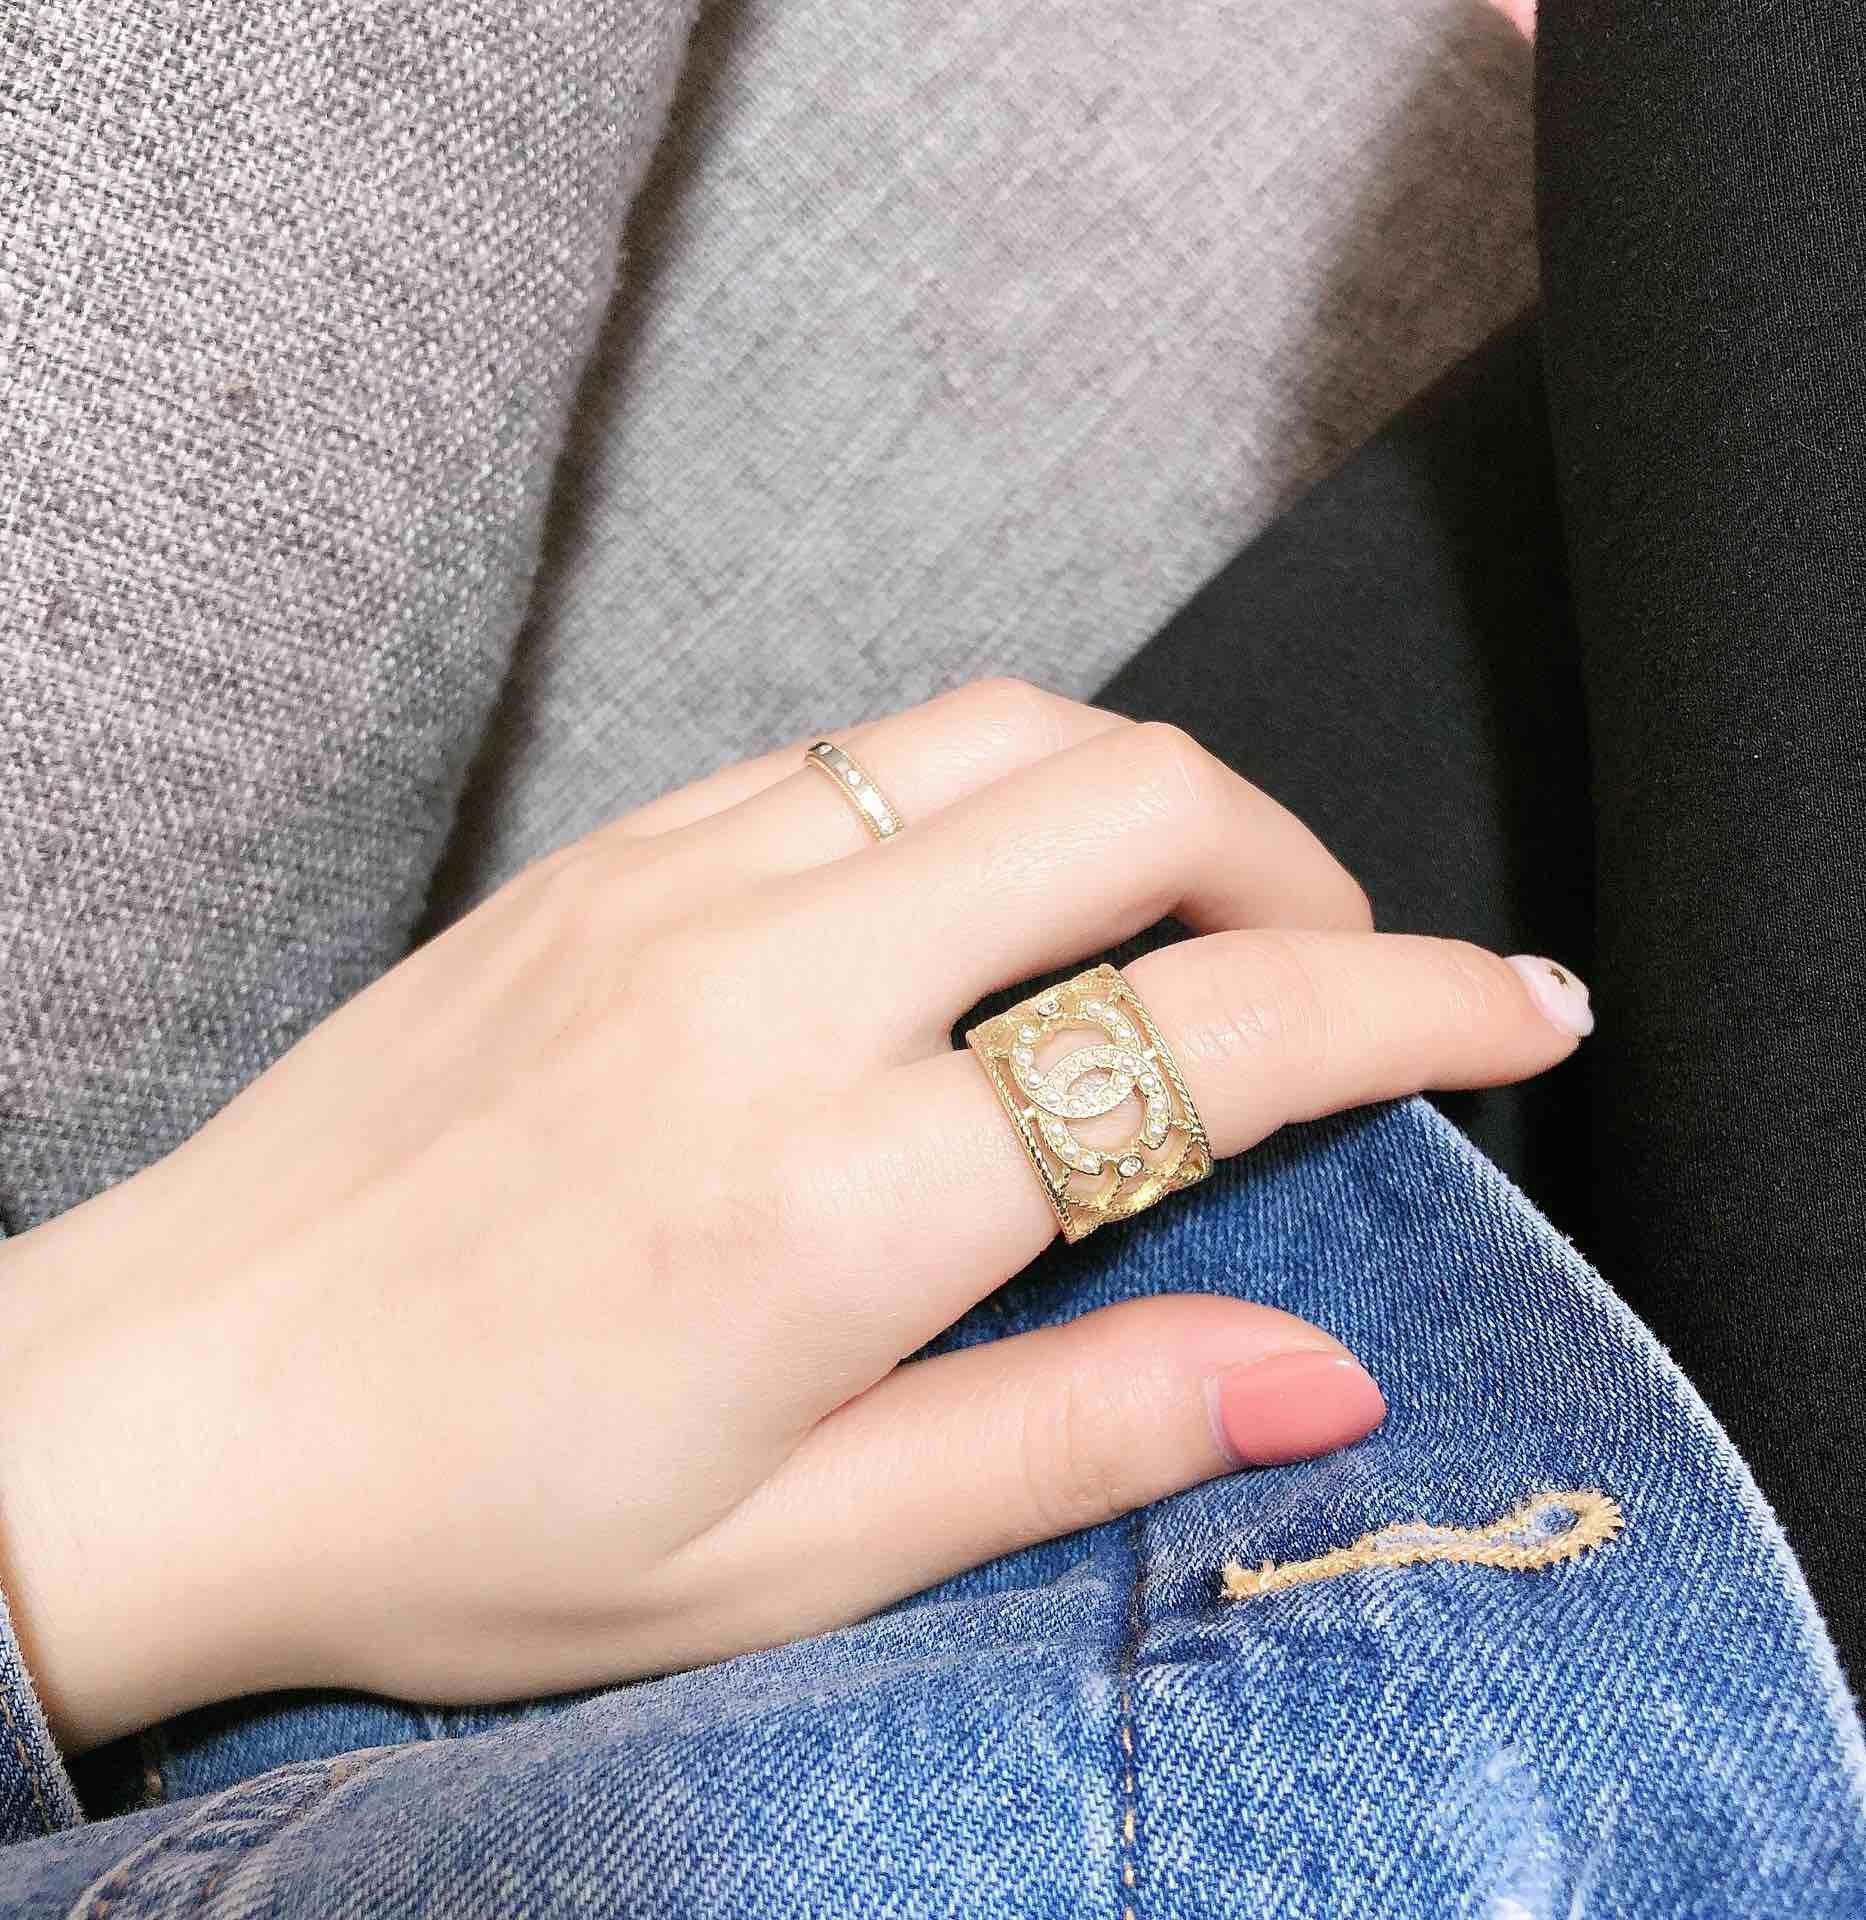 Духовой Оптово-Женщина кольцо верхнего качества кольца Wild Pearl Ring Валентайн подарка ювелирных изделий способа питания